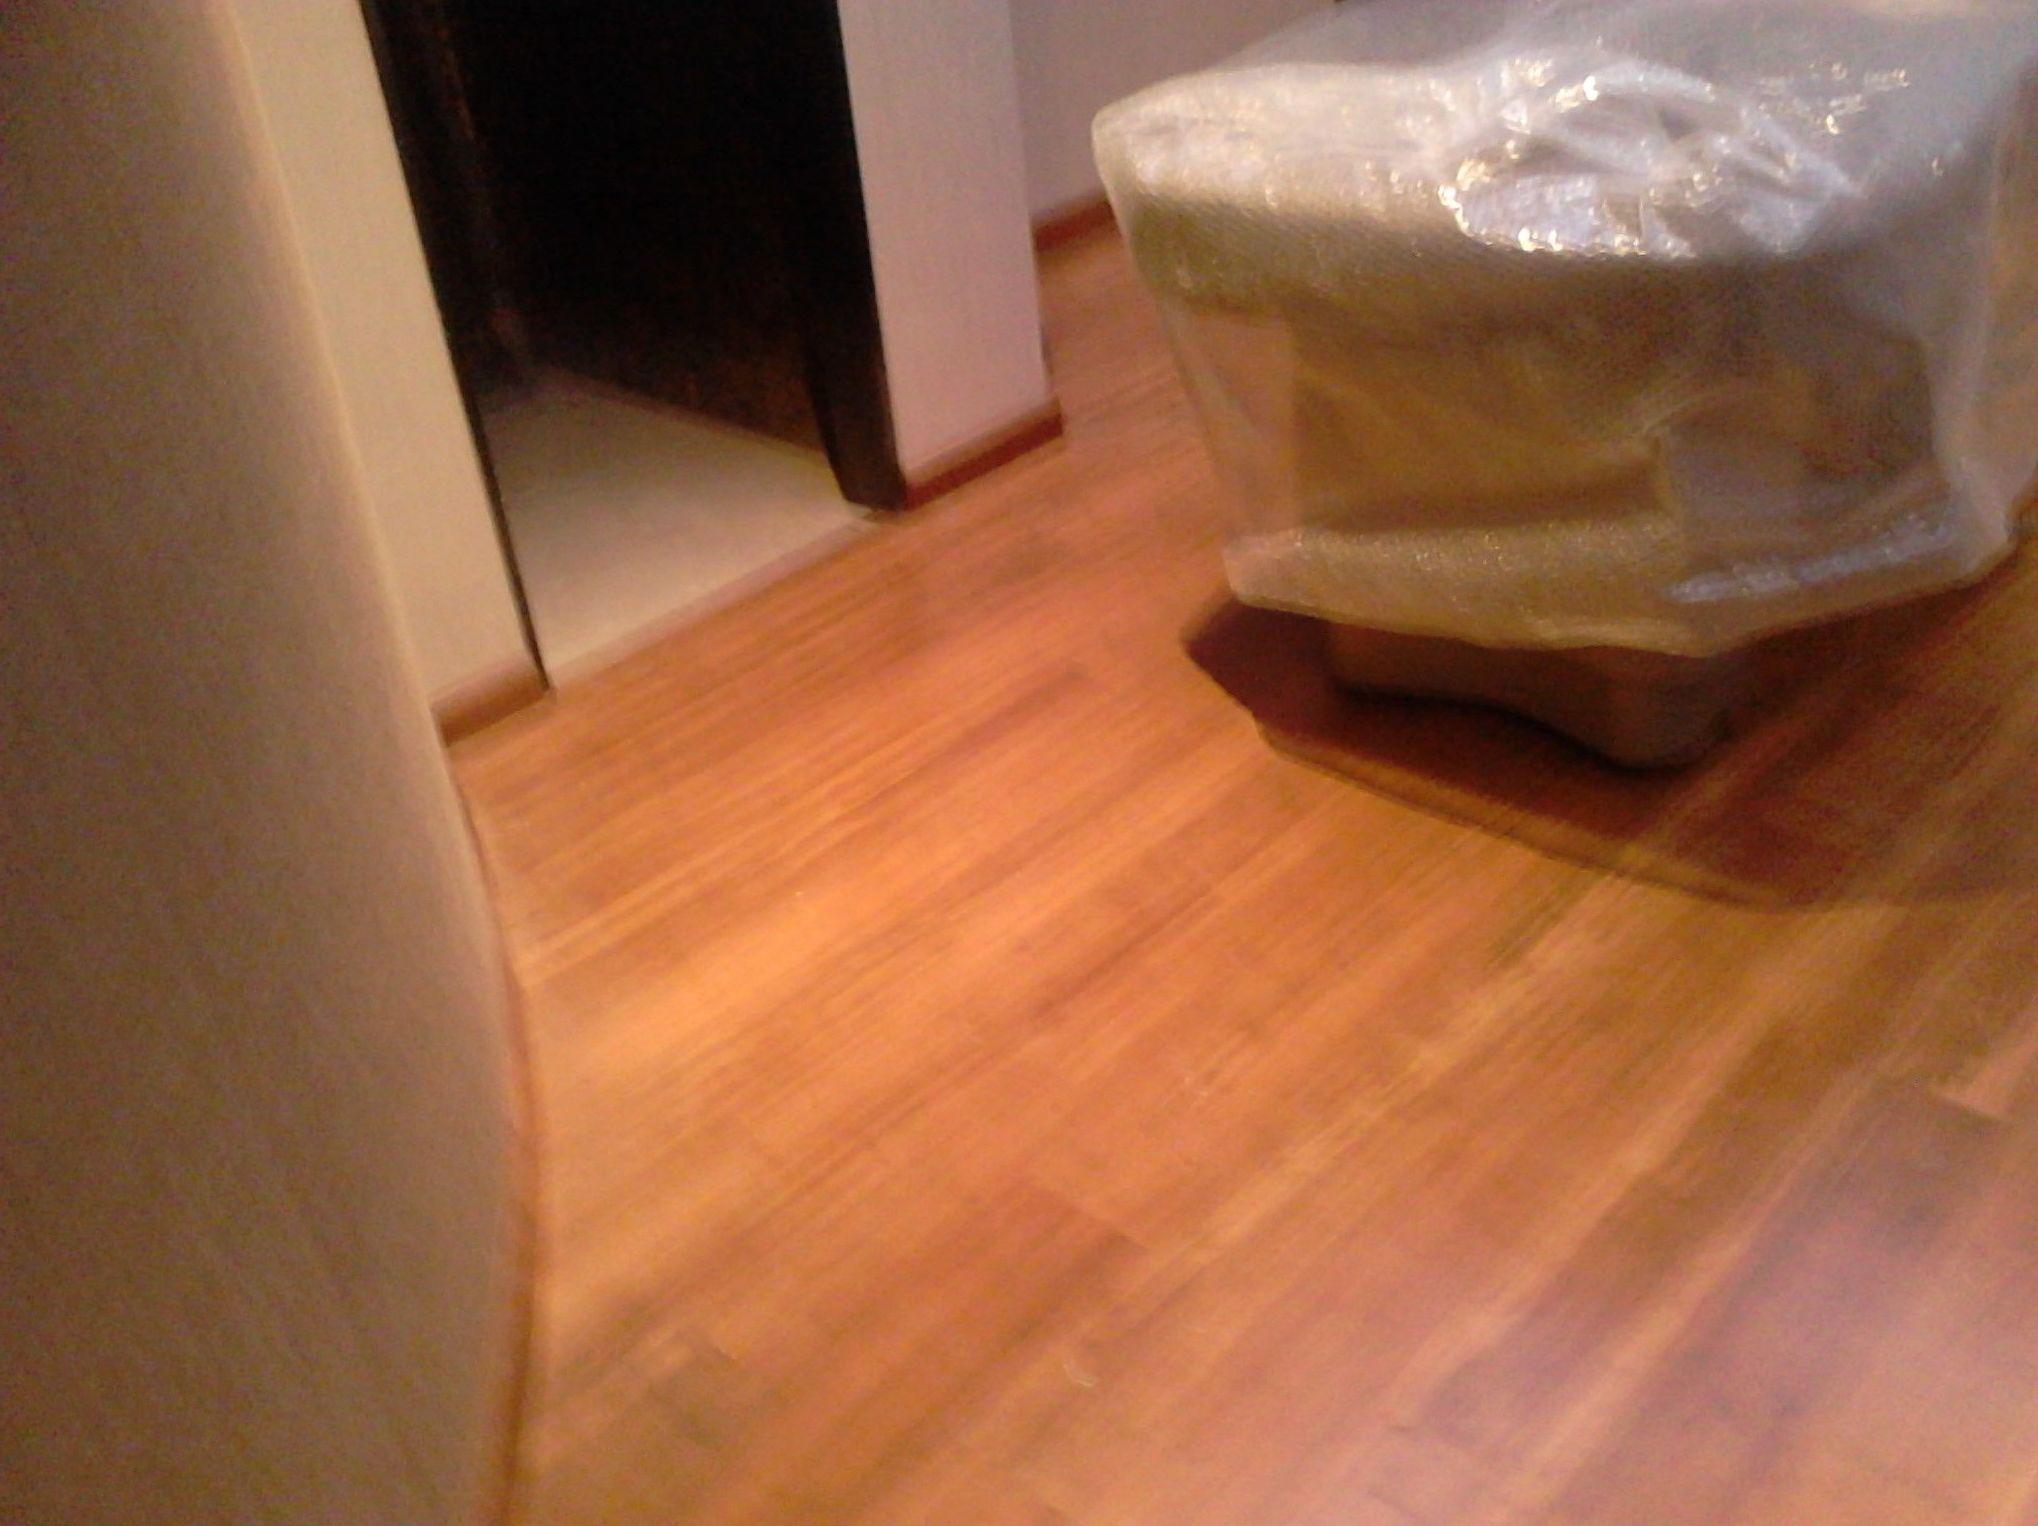 Nivelado de solera con mortero autonivelante e instalación de parquet macizo flotante de Bambú. Hotel Kempiski, Estepona